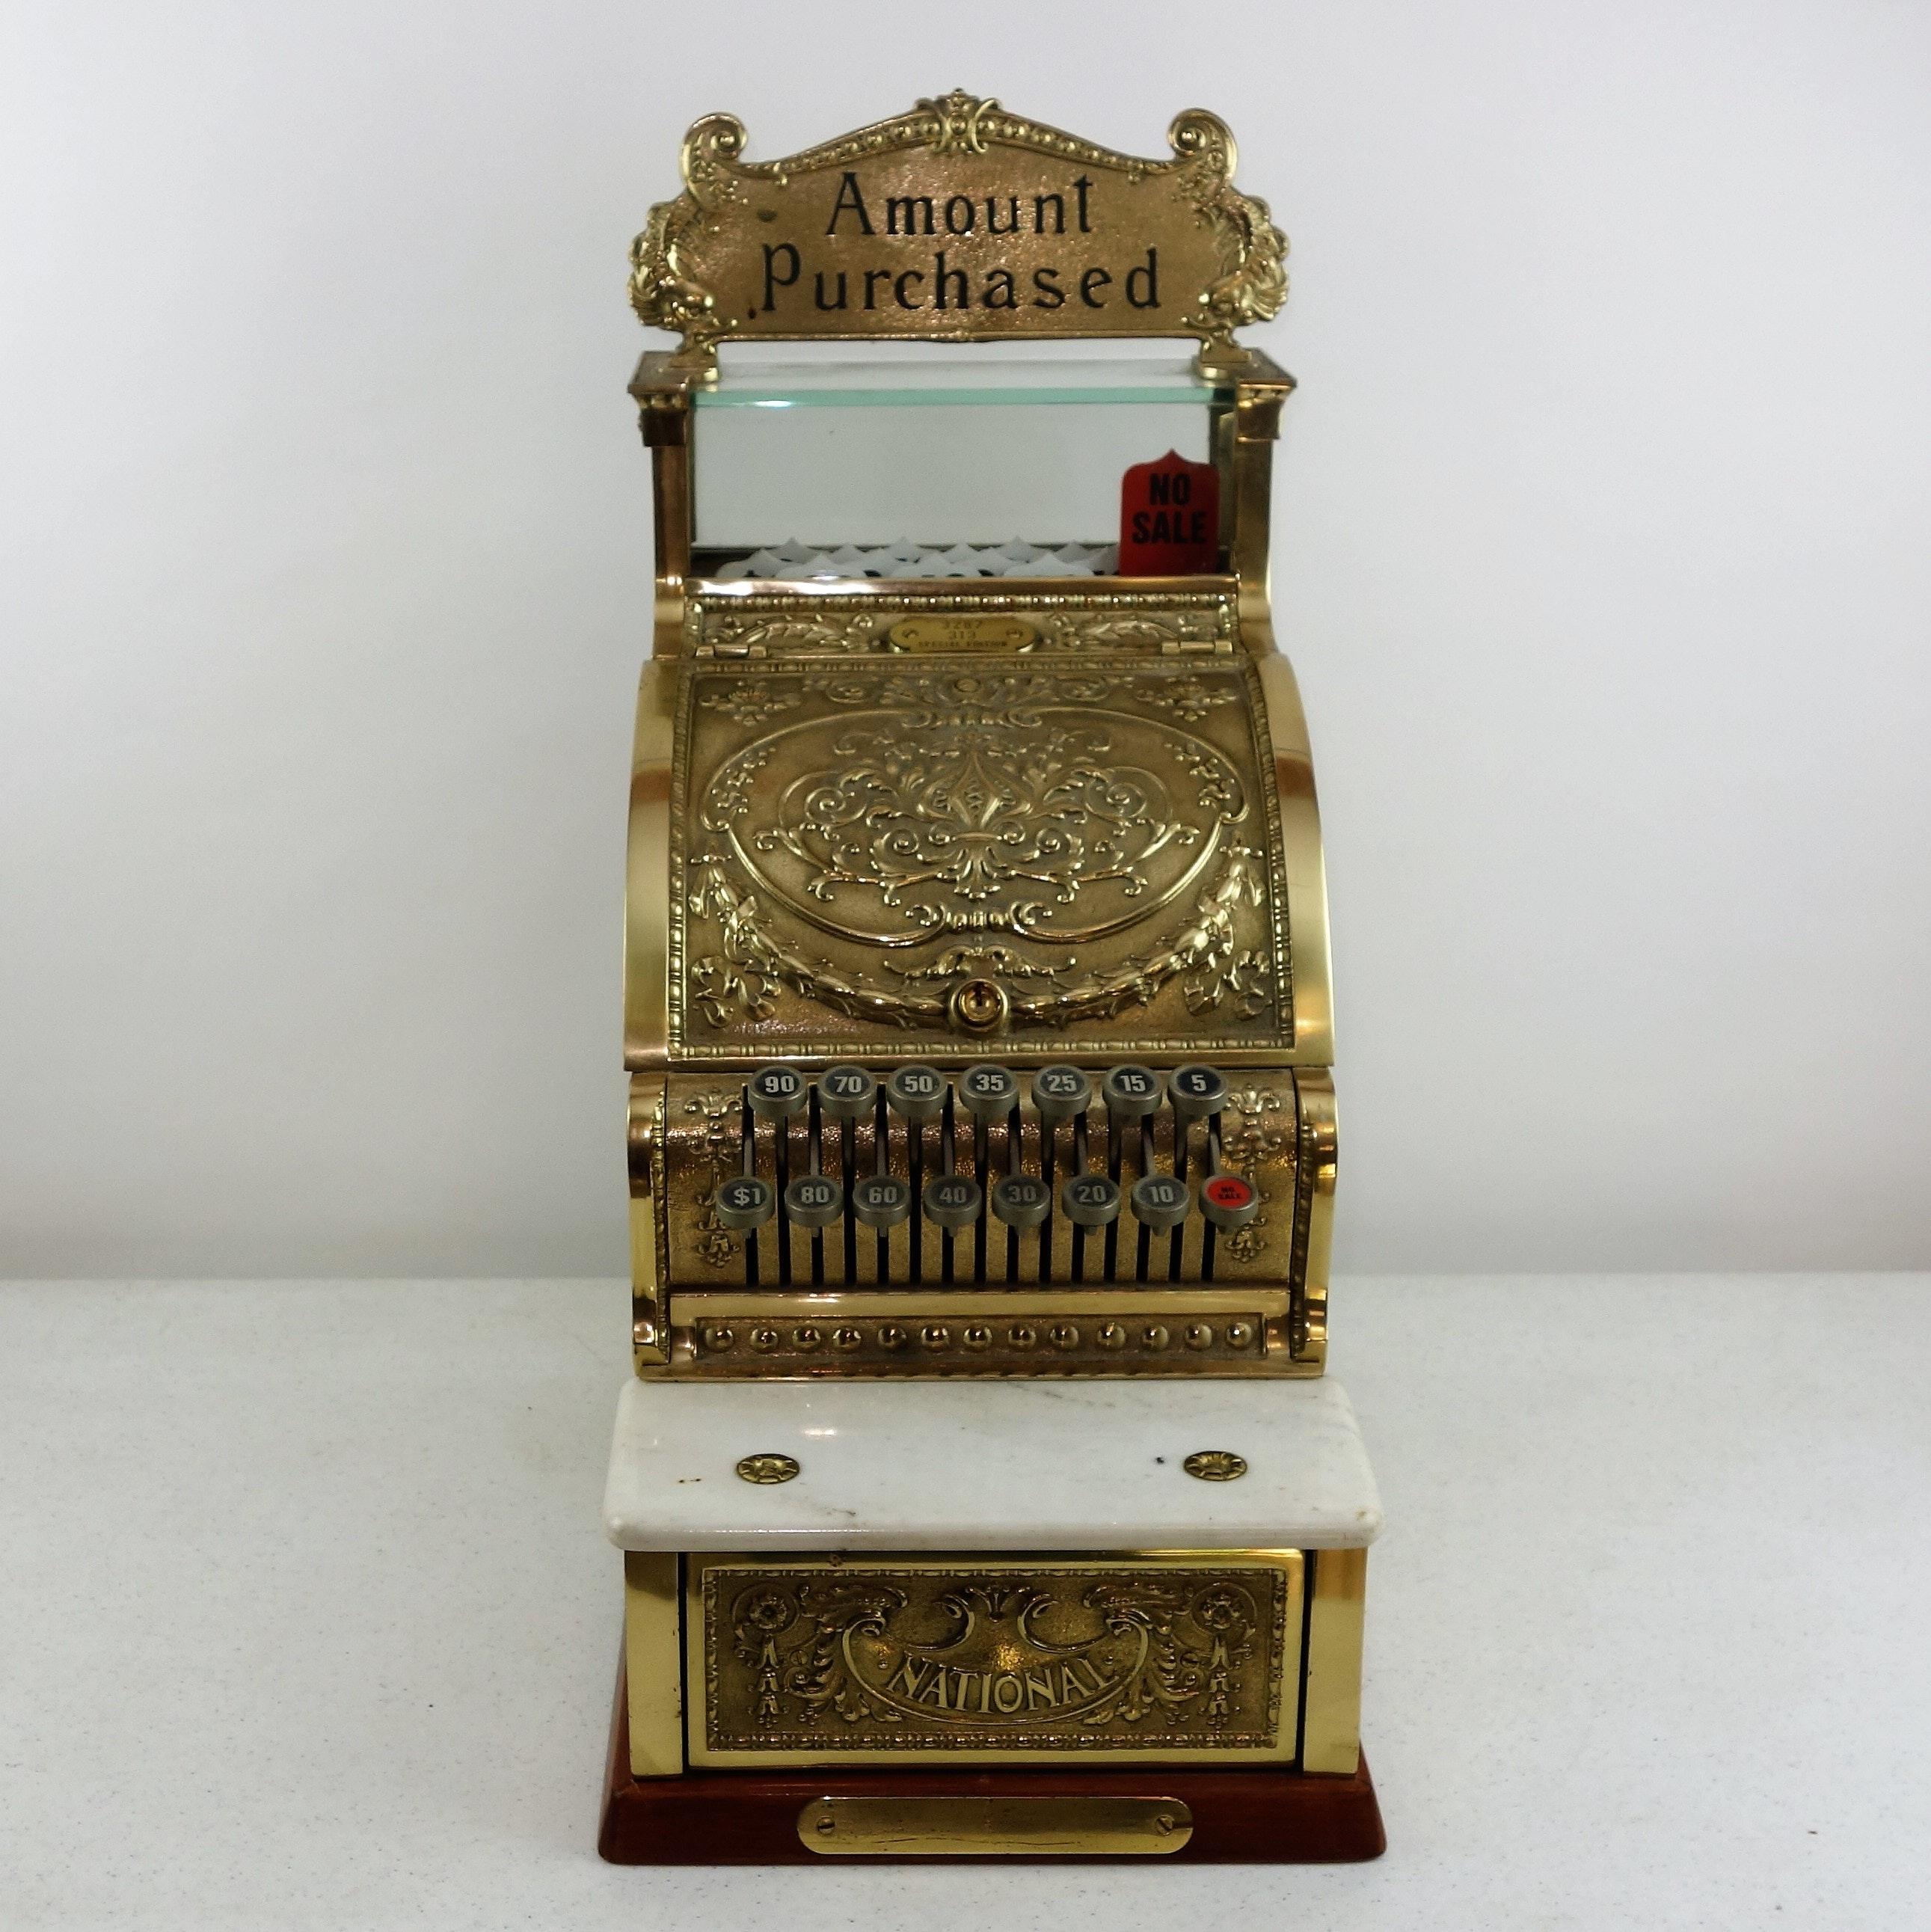 Vintage Special Edition National Cash Register